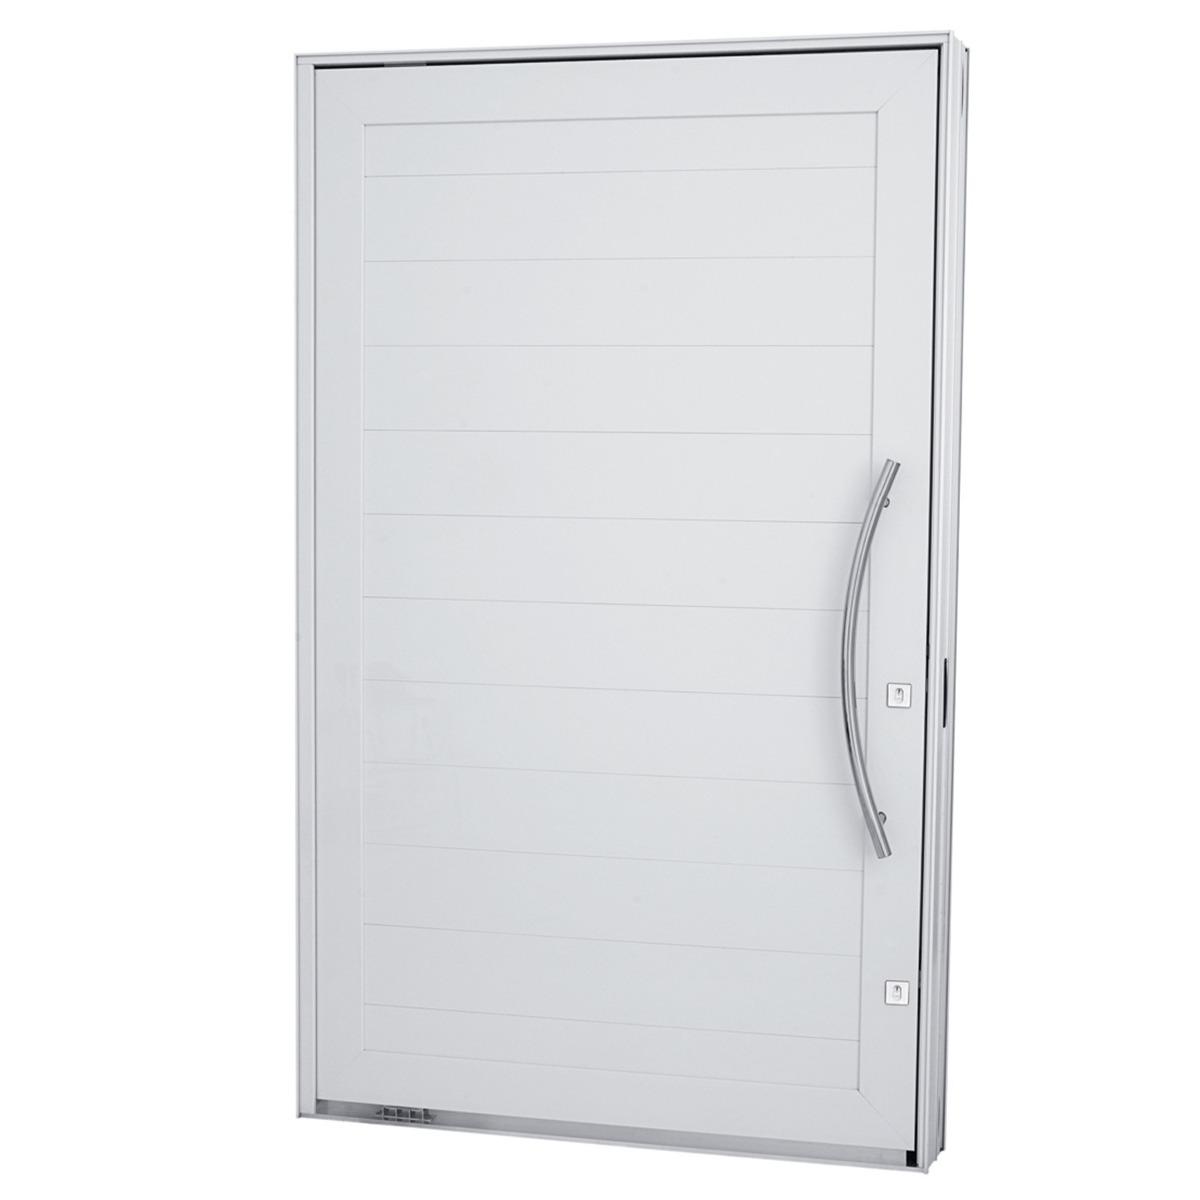 Porta pivotante em alum nio liso 1200mmx2400 for Porta or